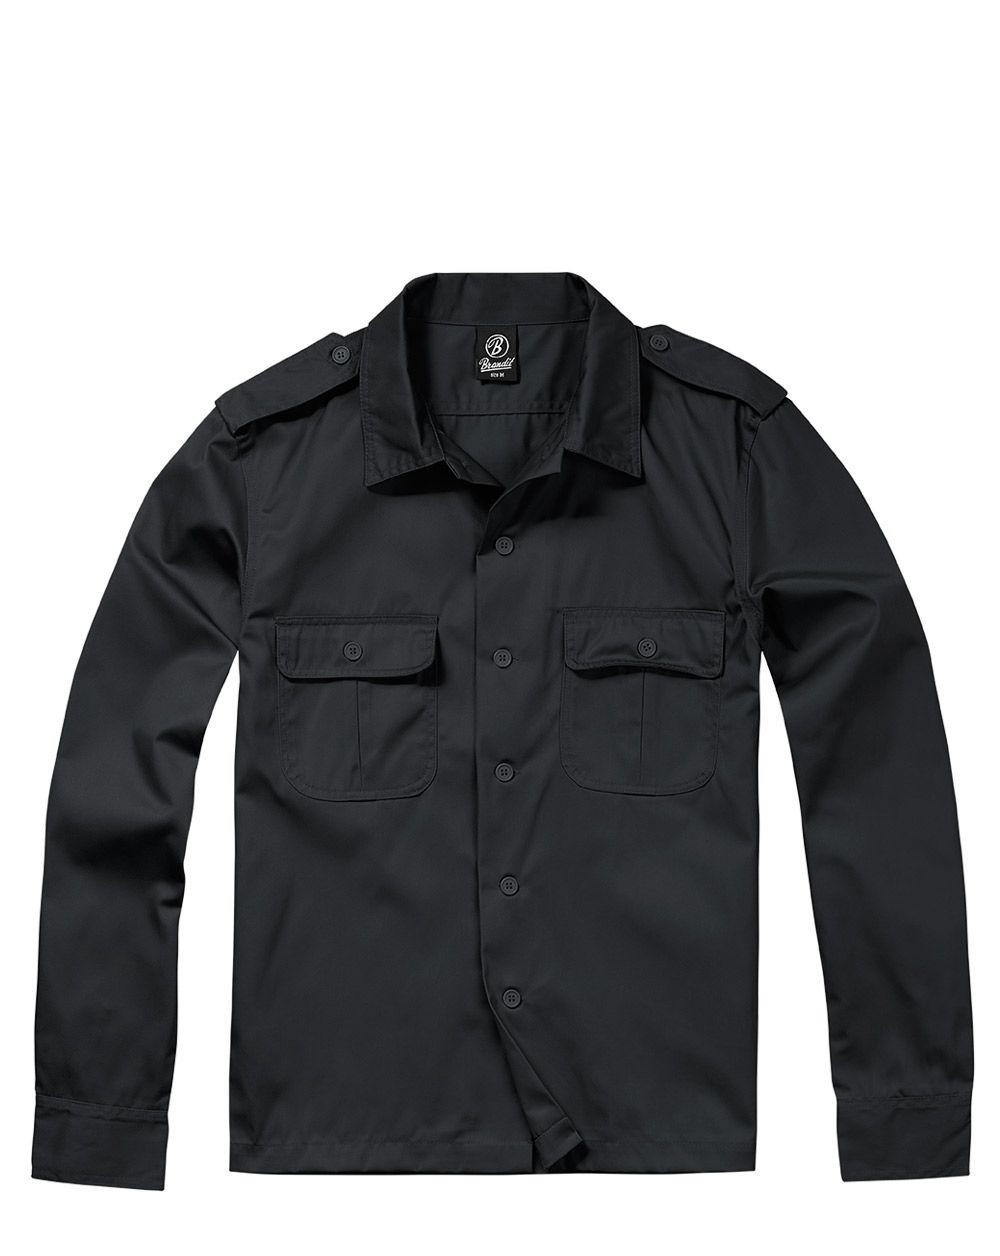 Brandit U.S. Långärmad Skjorta (Black, XL)